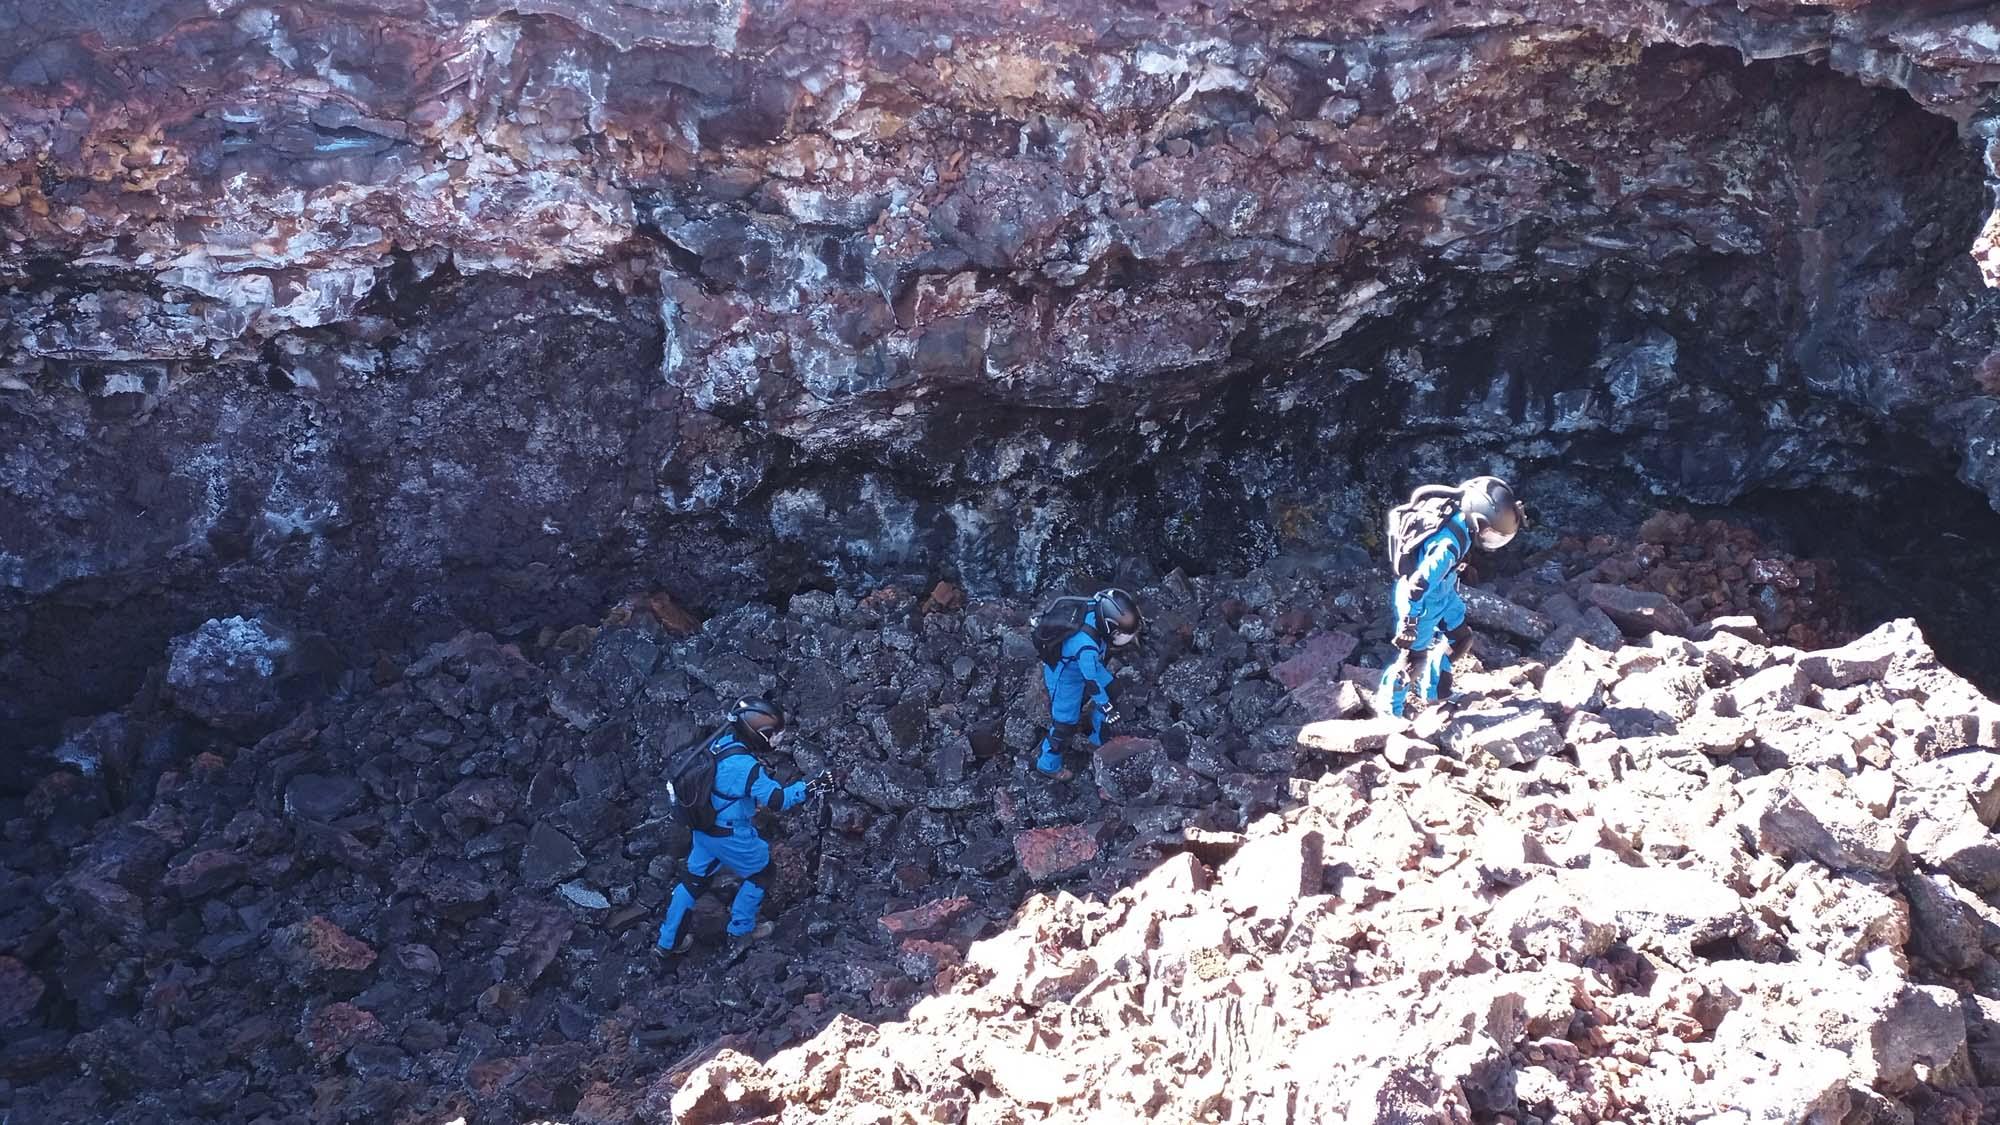 Les membres d'équipage de Selene IV explorent une grotte de lave près de l'habitat HI-SEAS pour la recherche d'habitabilité et d'astrobiologie.